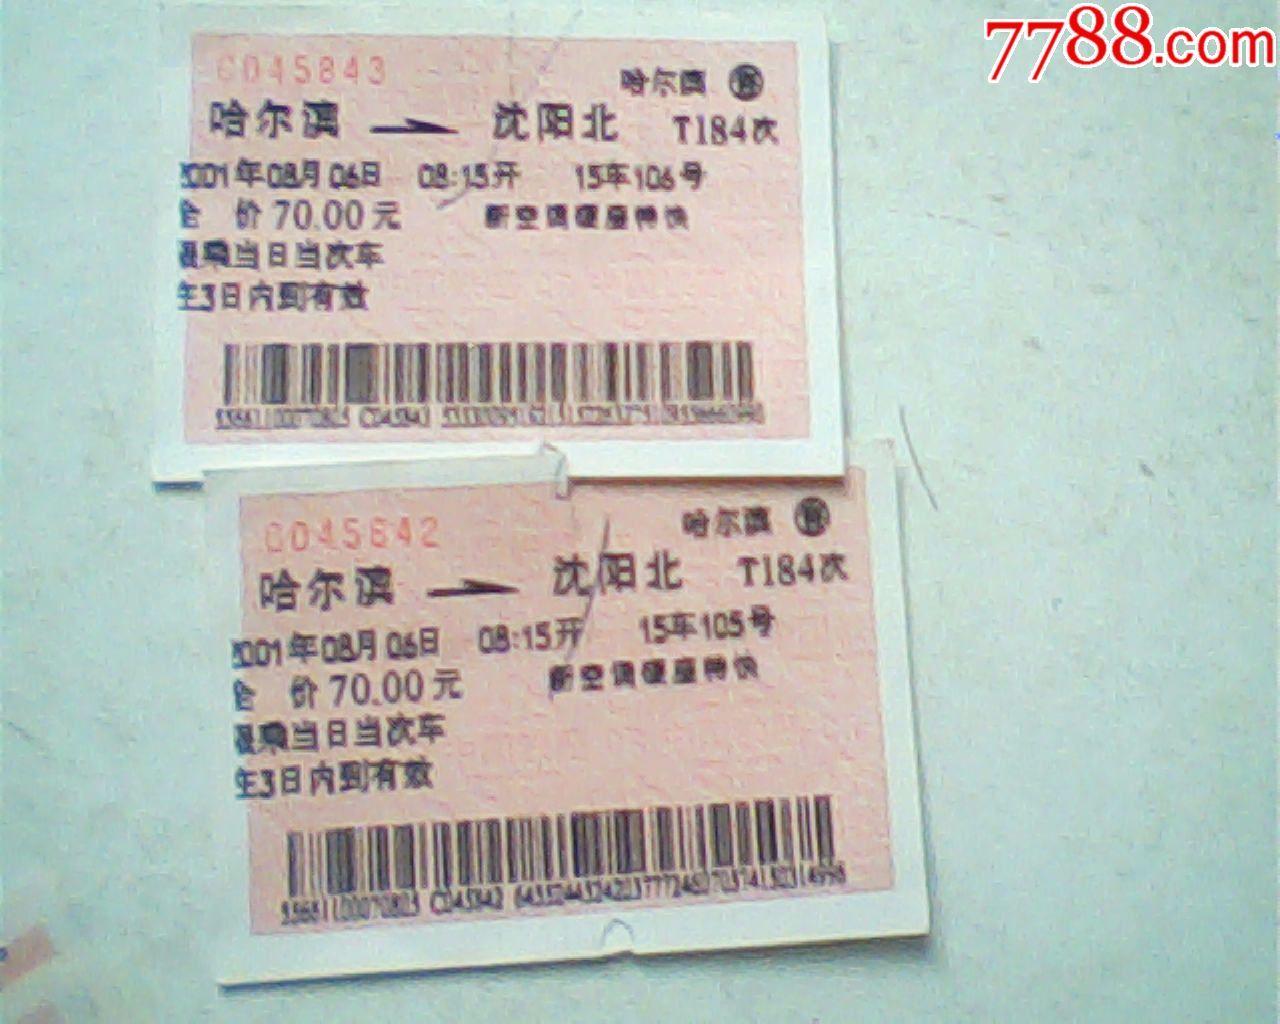 火车票,01年8月哈尔滨--沈阳北,t184次70元版,撕角